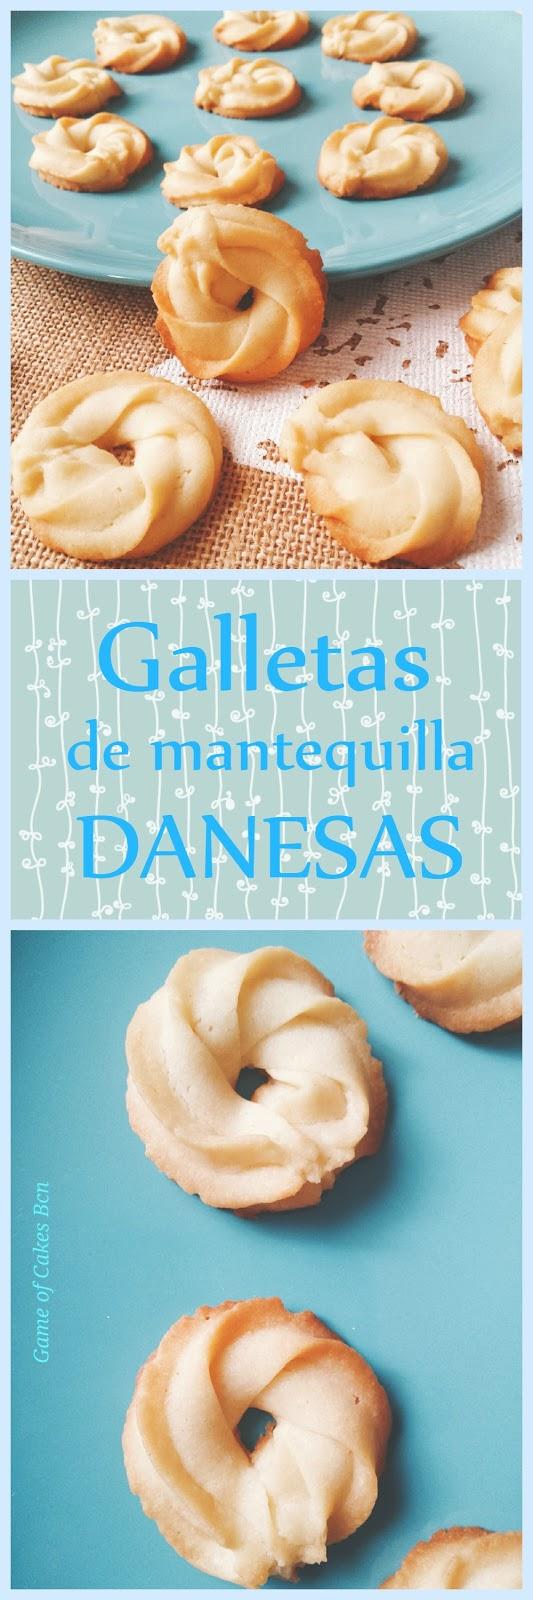 Galletas de mantequilla tipo danesas, pastas de té